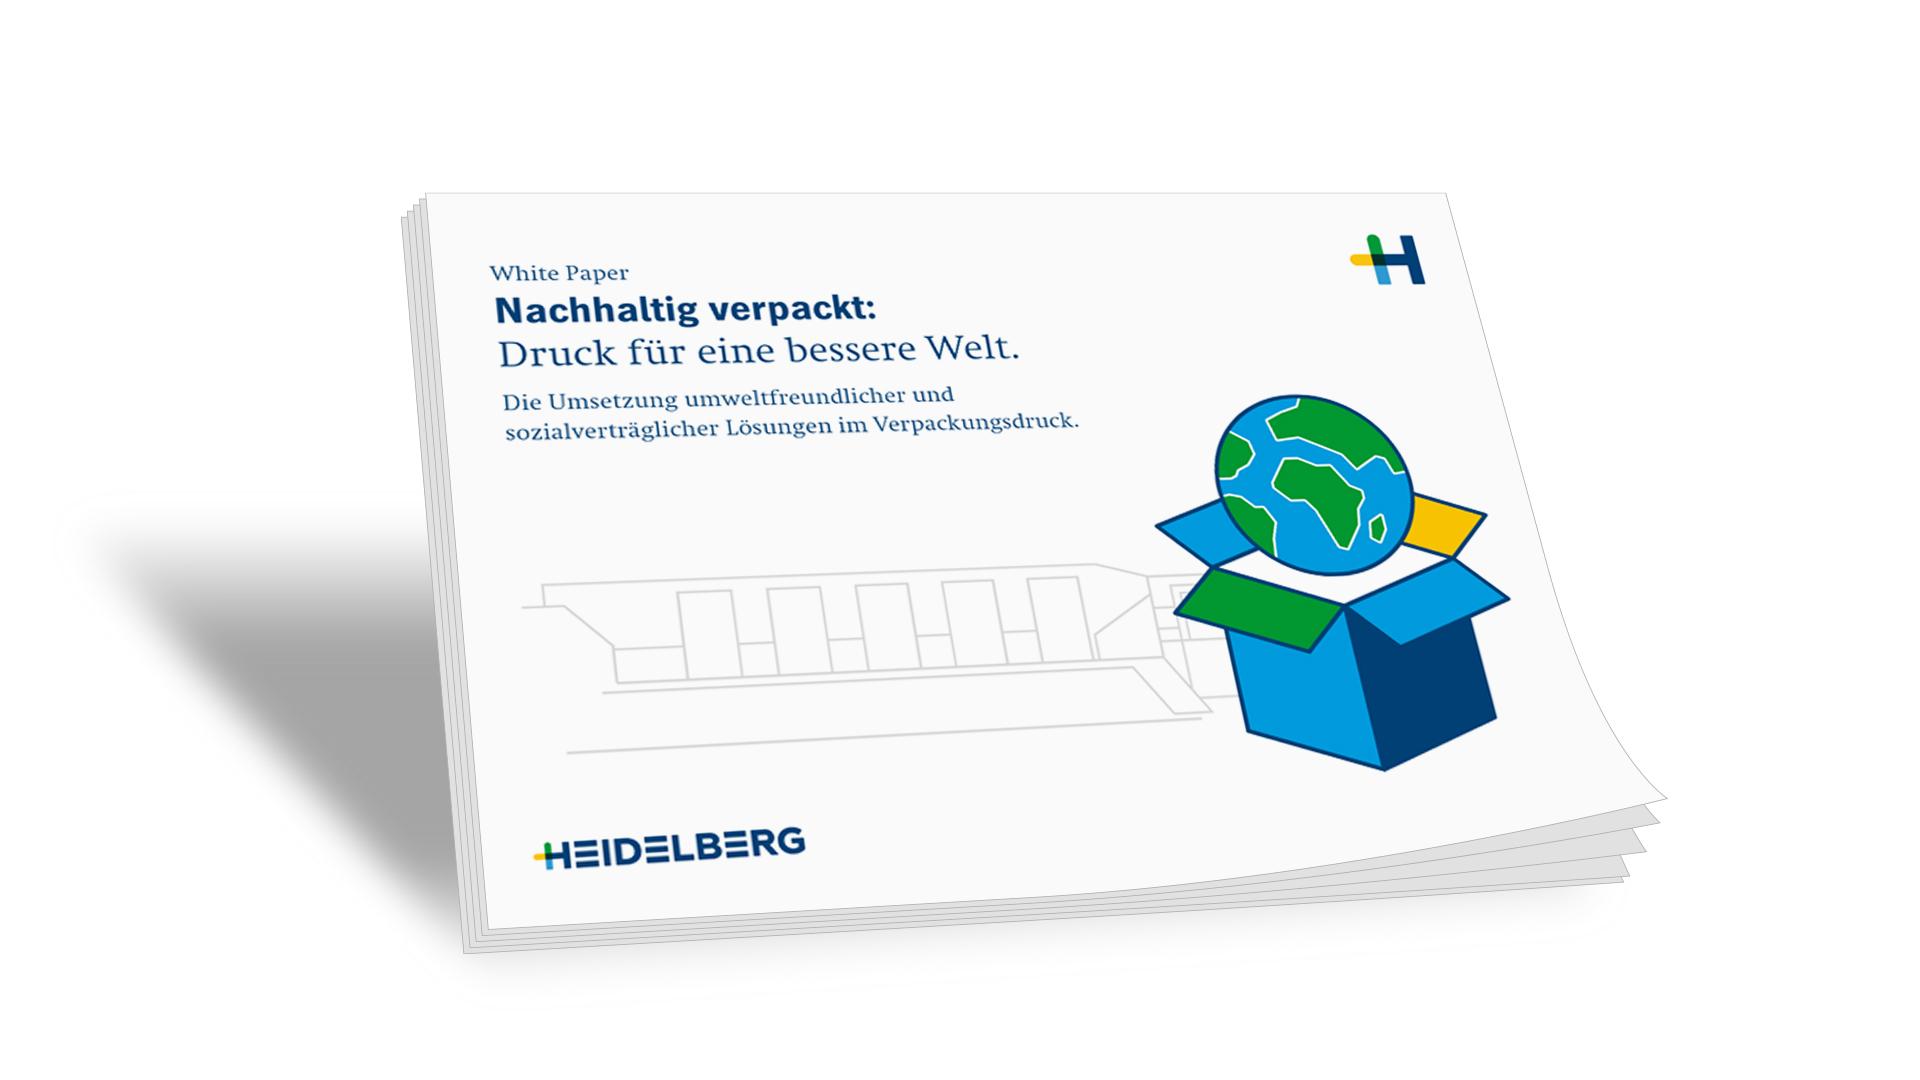 Whitepaper: Nachhaltig verpackt: Druck für eine bessere Welt.